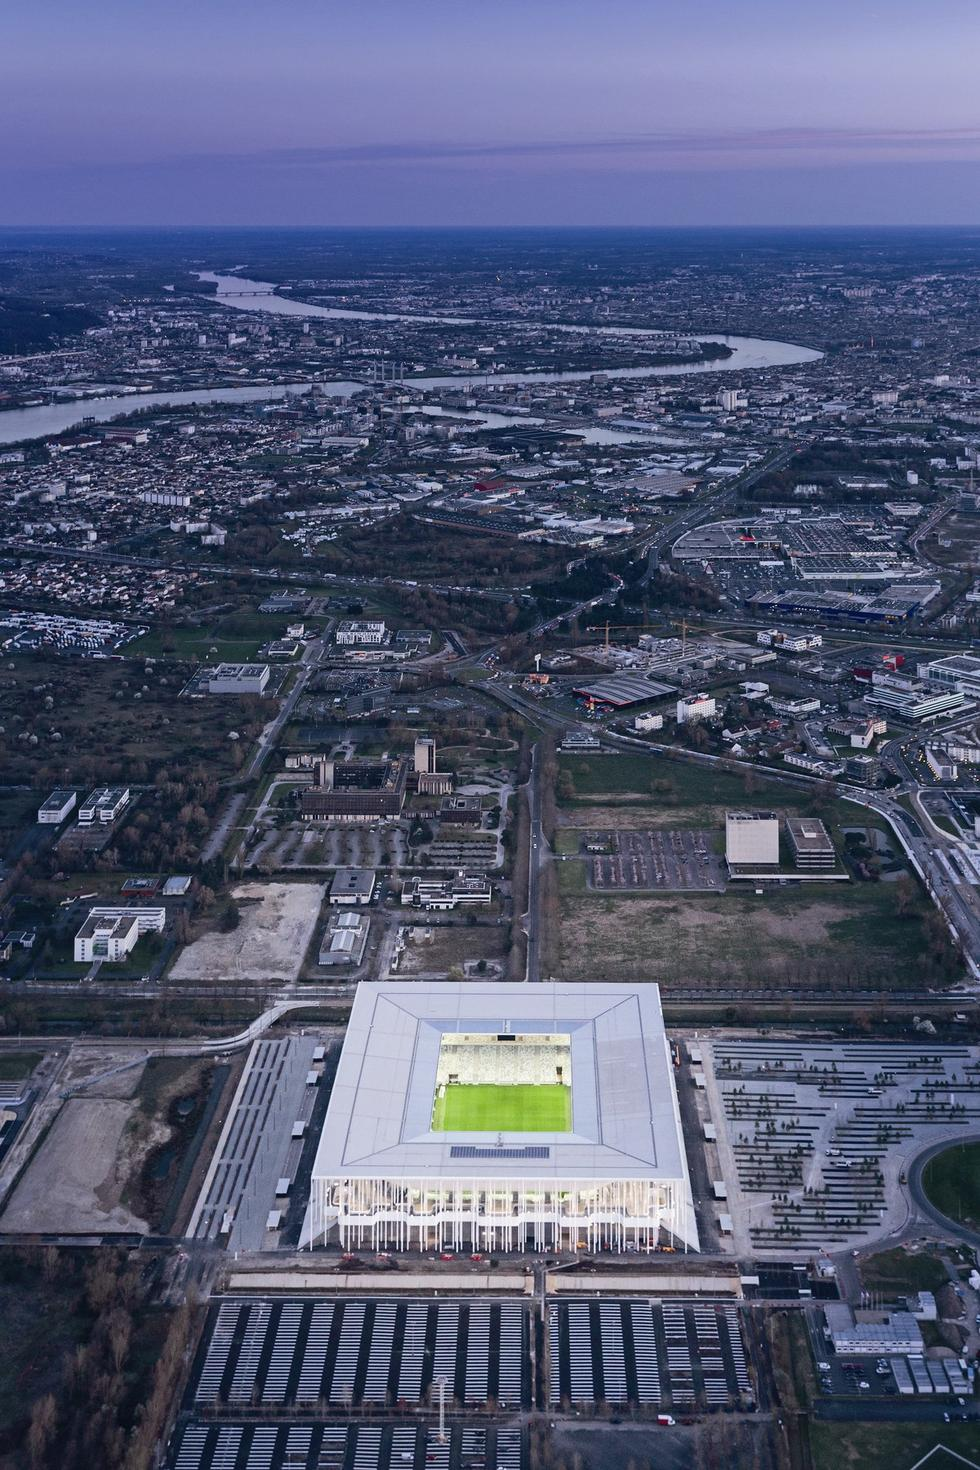 stadion w bordeaux15